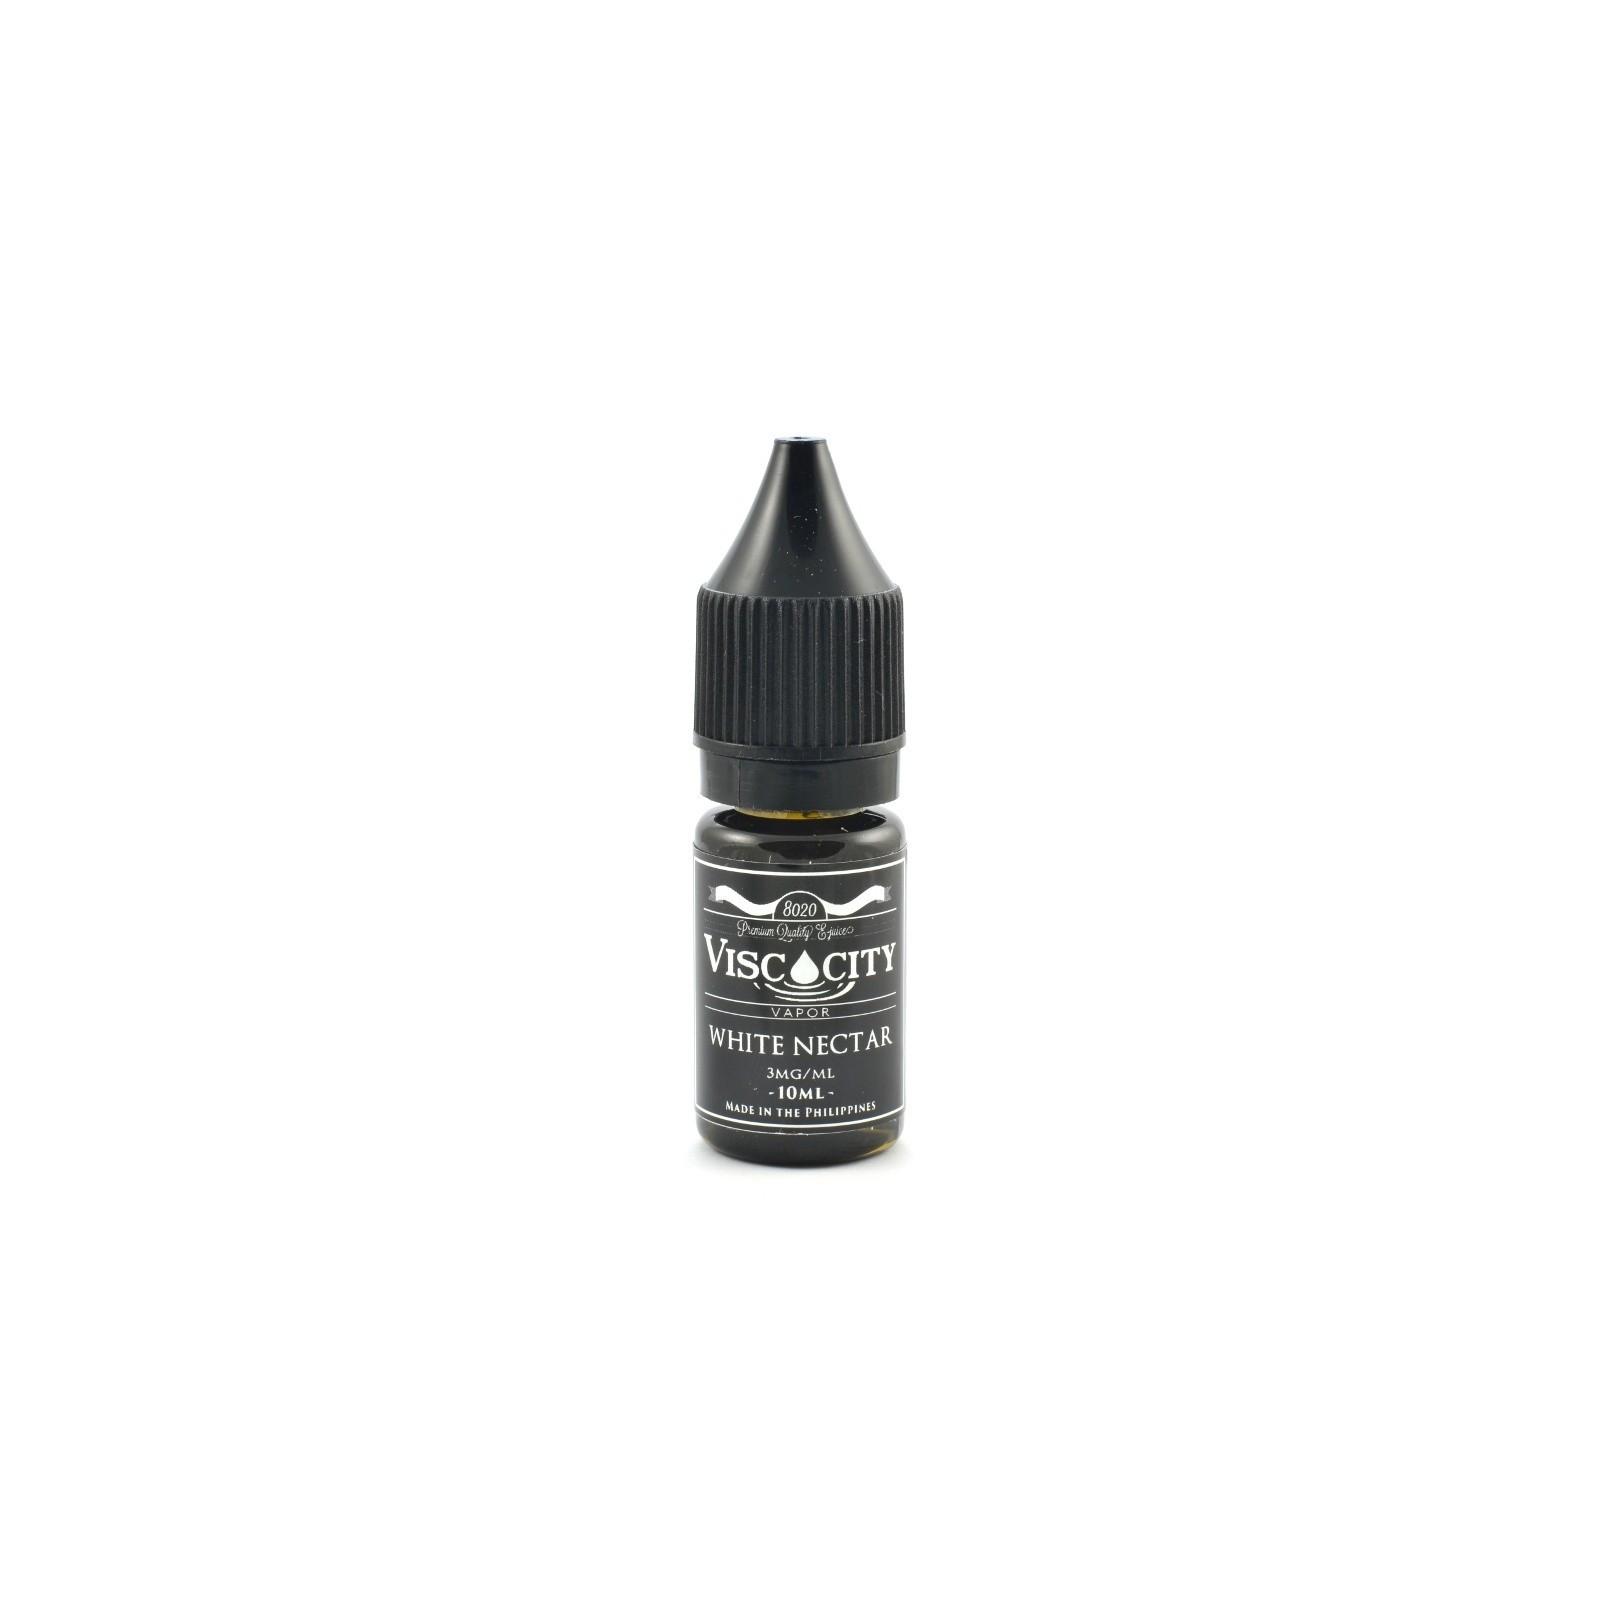 White Nectar - Hyprtonic